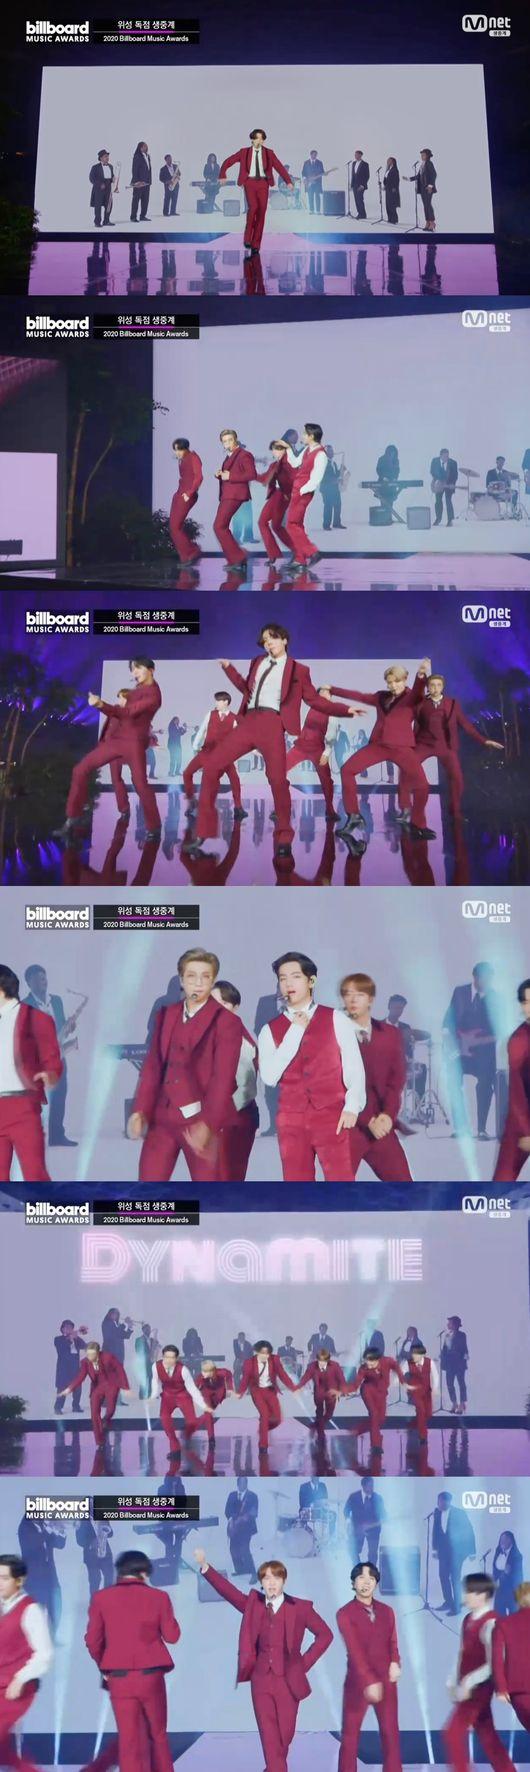 방탄소년단, 4년 연속 '톱 소셜 아티스트'→'다이너마이트' 무대..아미❤︎ing(종합)[2020 빌보드 뮤직 어워드]